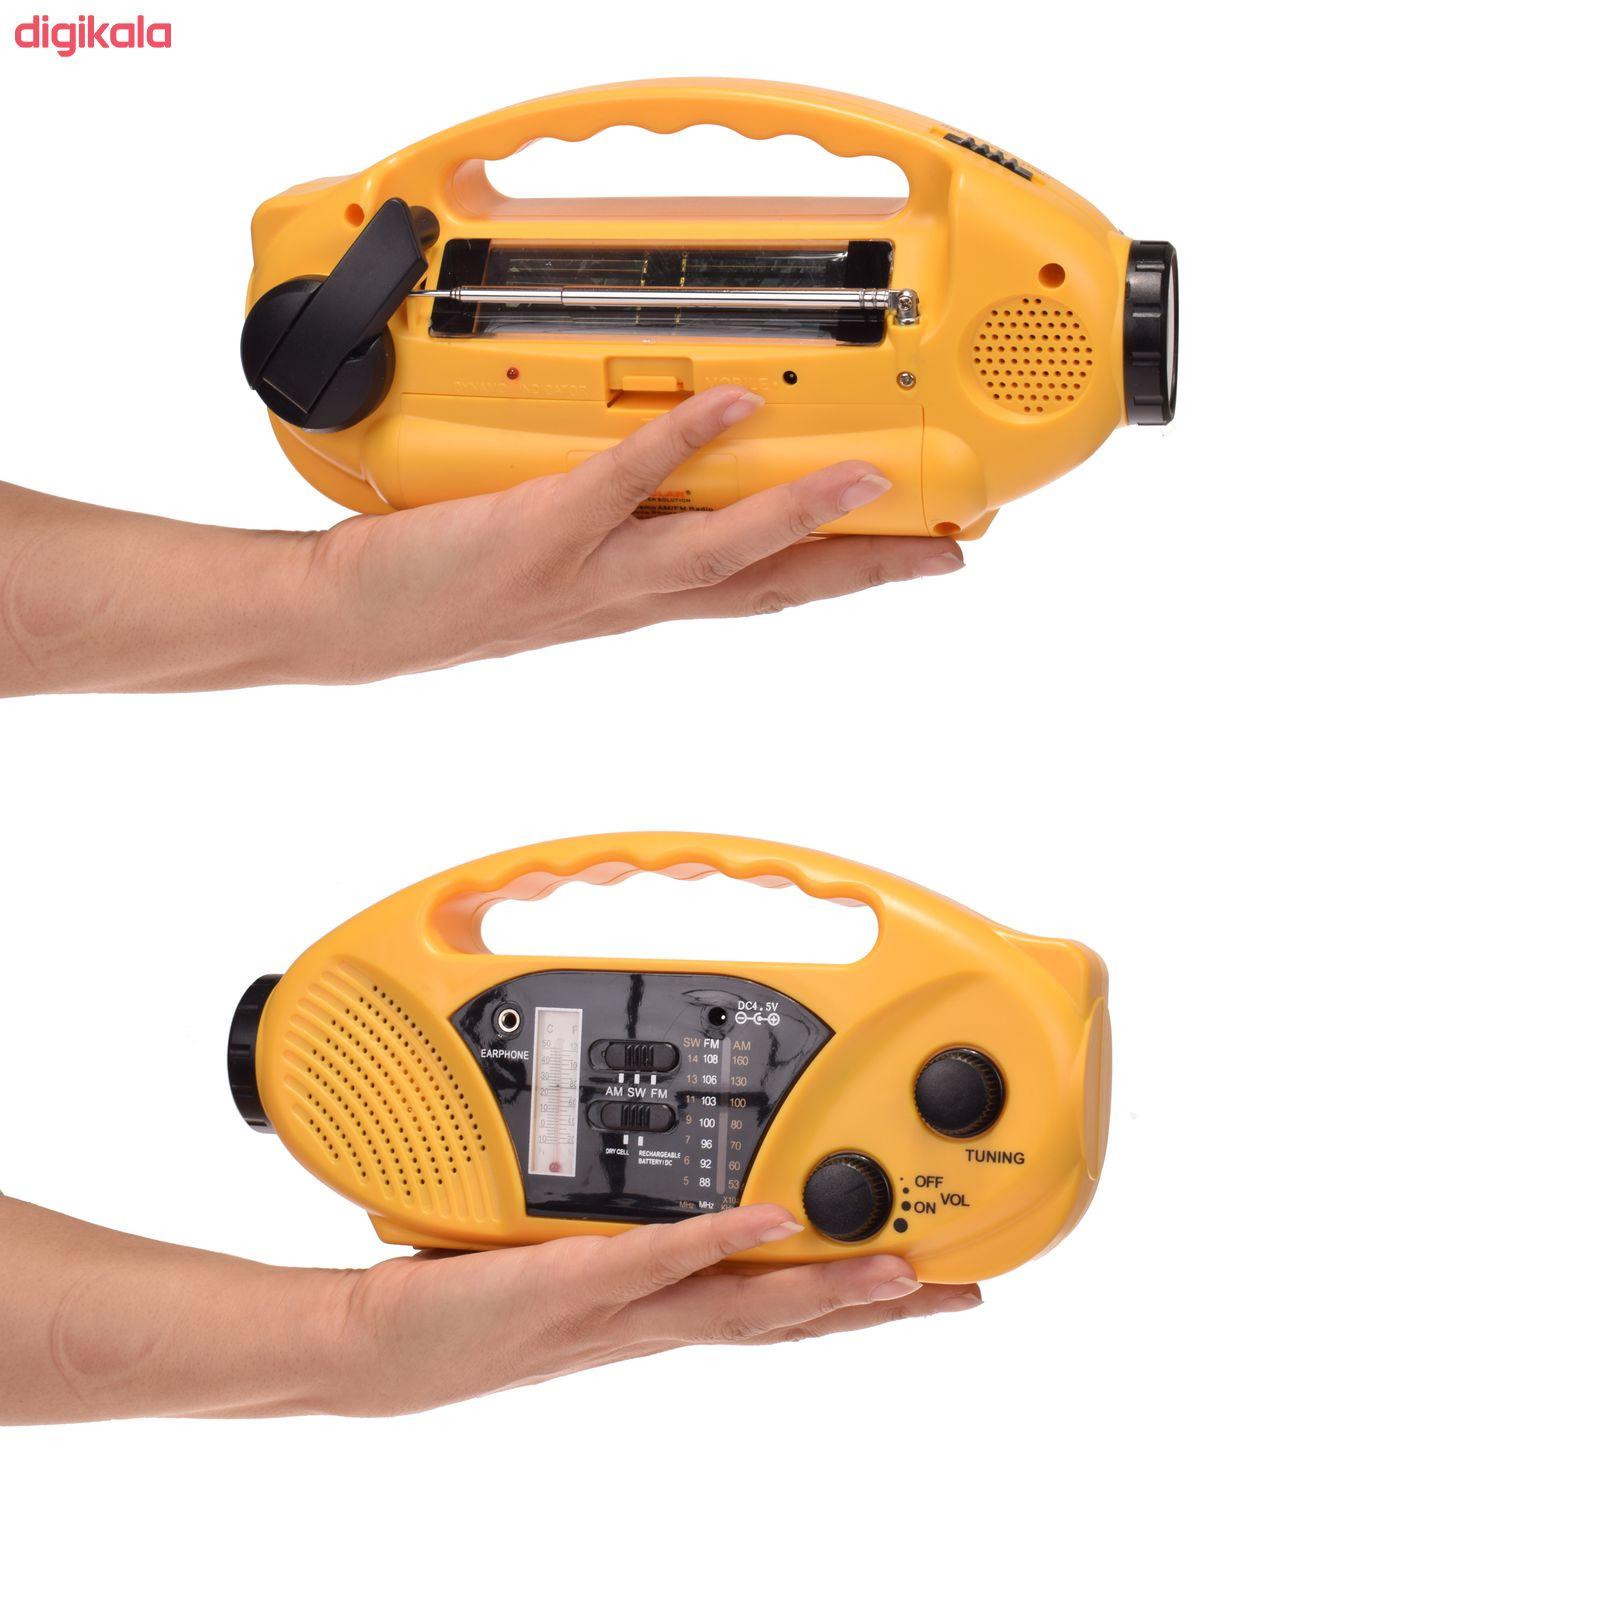 رادیو جی اس اف سولار مدل rchy 898 main 1 6